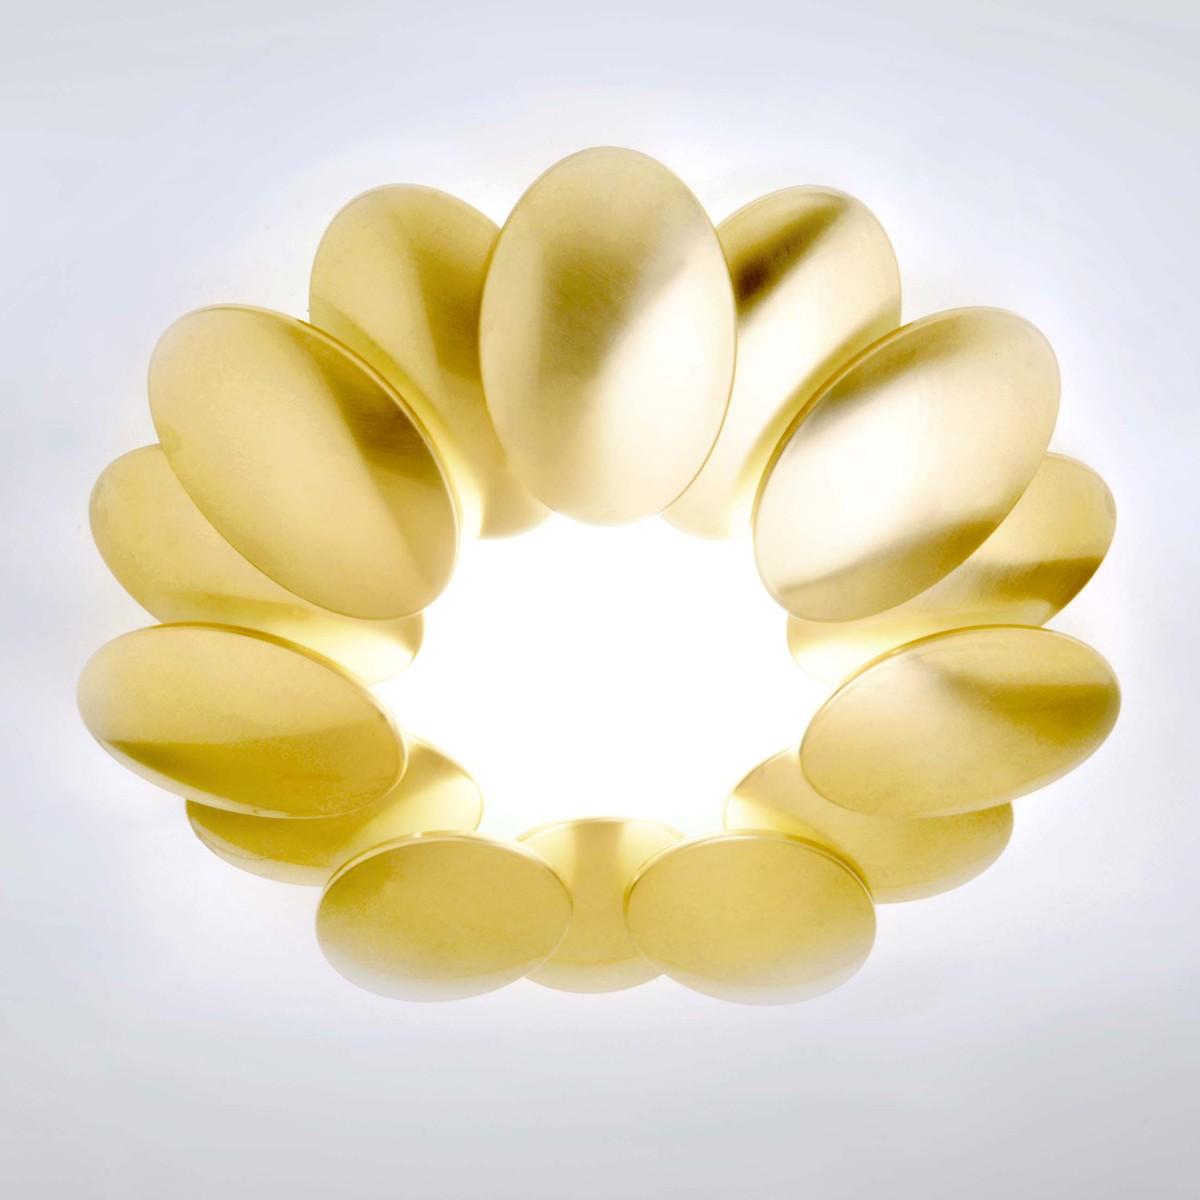 Milan Obolo Deckenleuchte, Ø: 42,4 cm, Goldoptik gebürstet